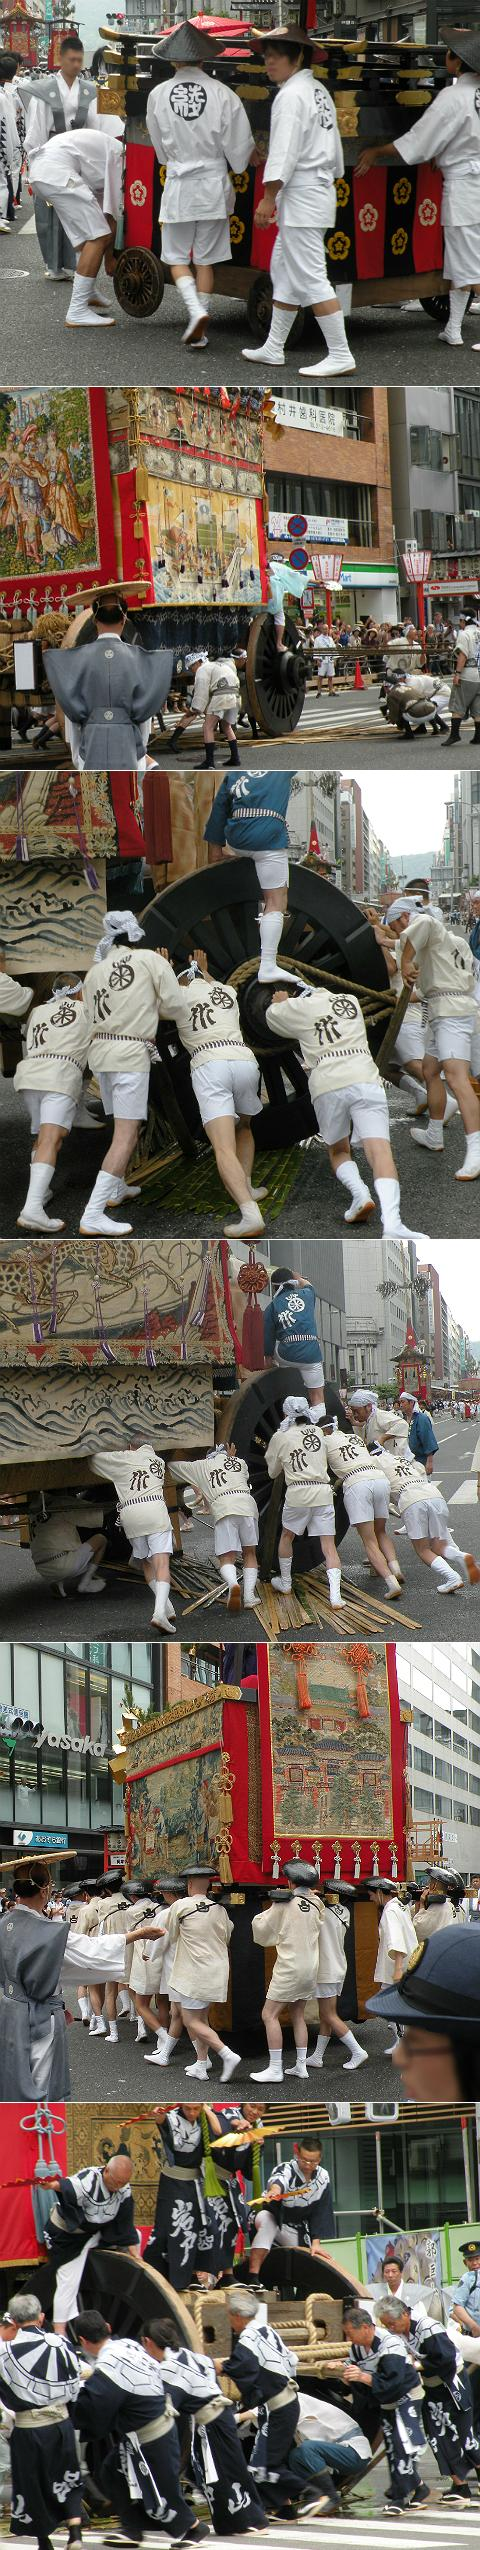 祇園祭 2013 山鉾巡行 辻回し